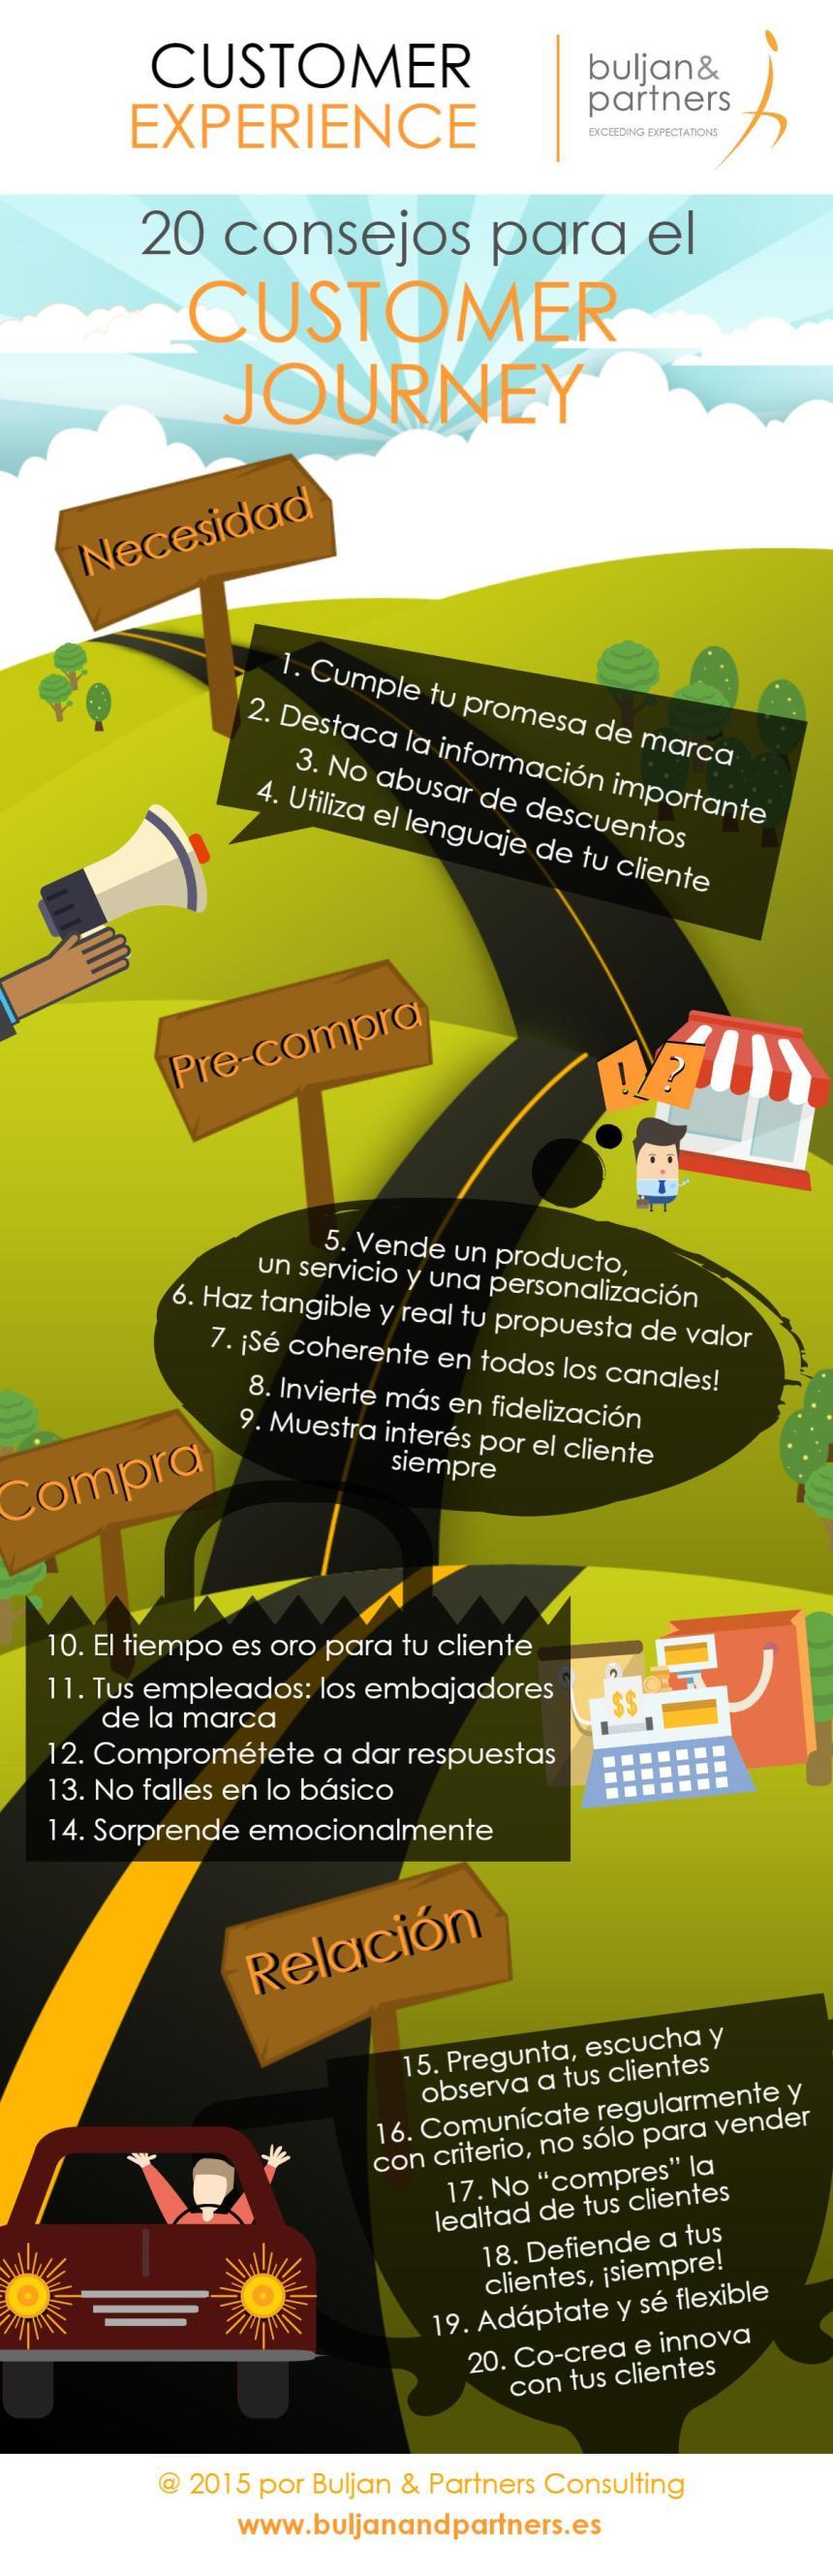 20 consejos para el Customer Journey